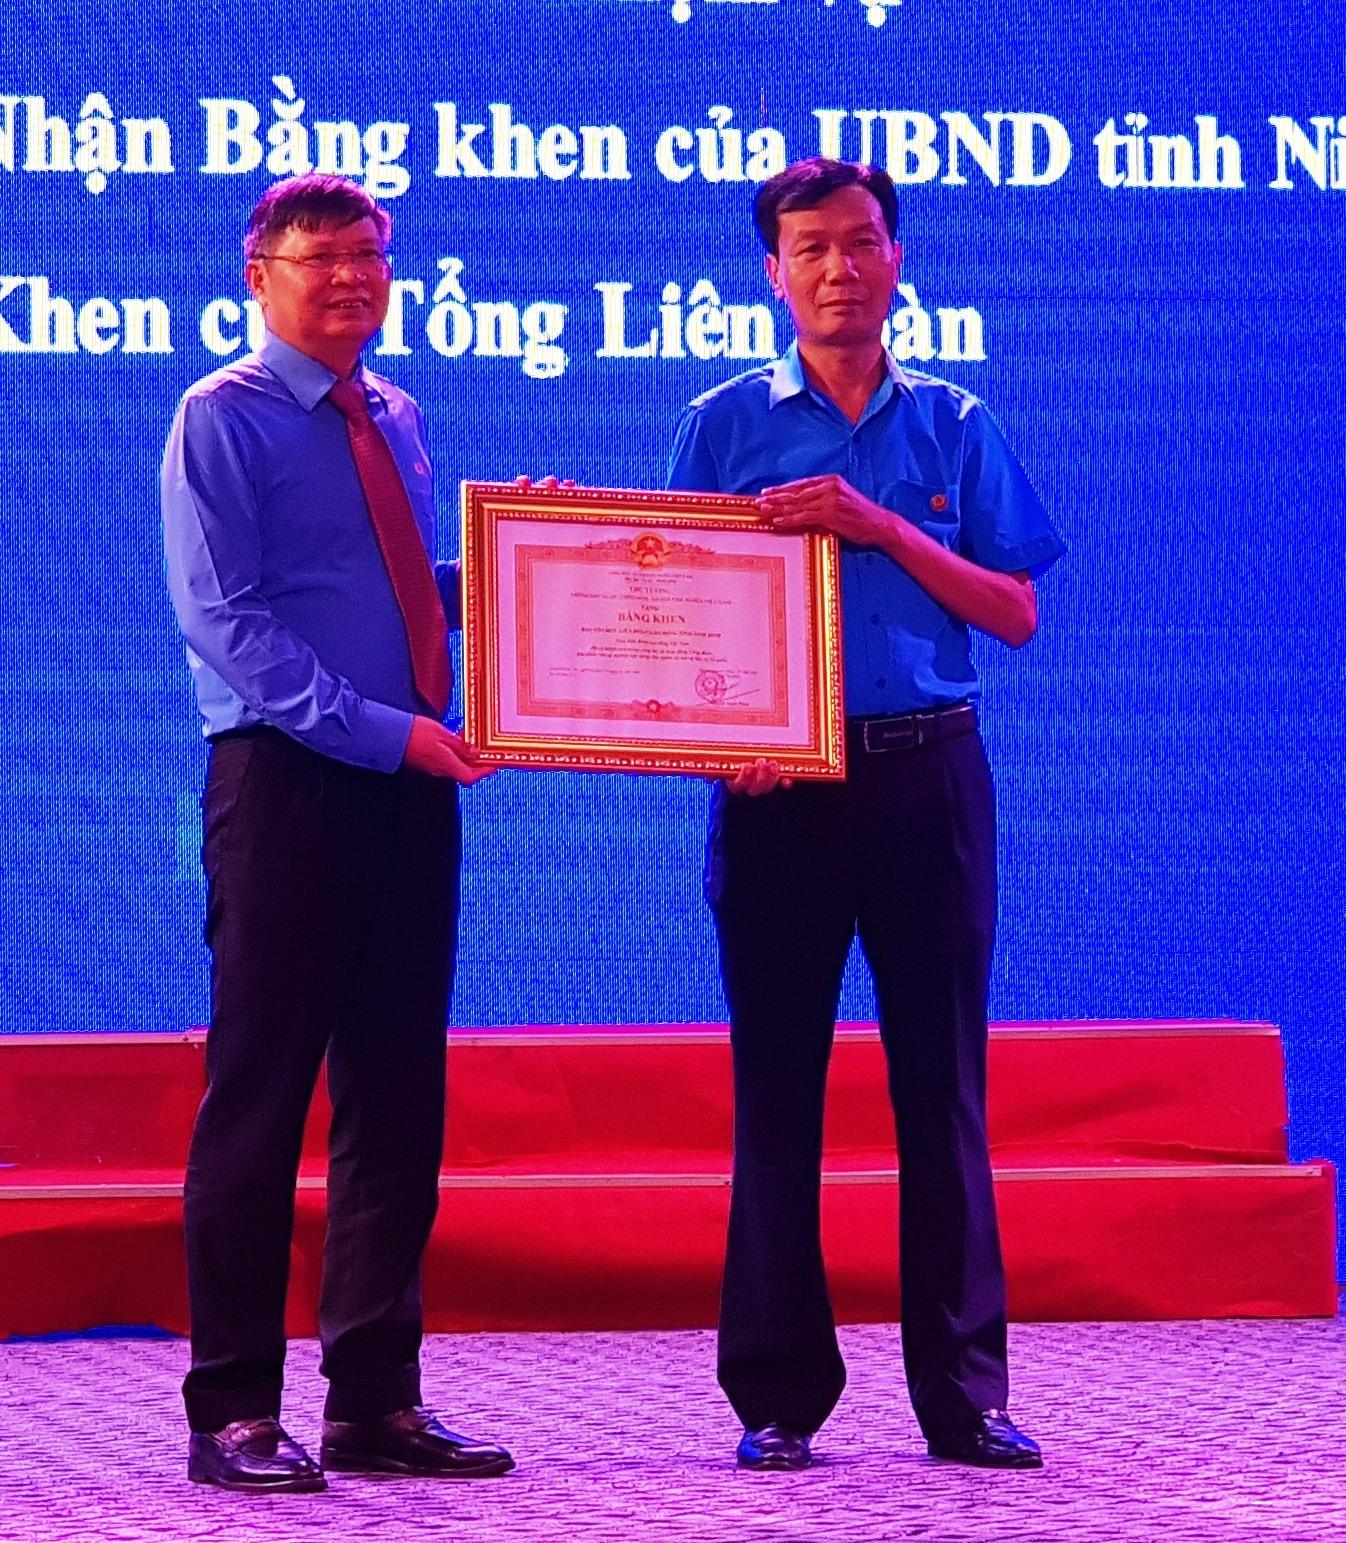 Đồng chí Phan Văn Anh, Phó chủ tịch Tổng LĐLĐ Việt Nam trao Bằng khen của Thủ tướng Chính phủ cho Ban Tổ chức LĐLĐ tỉnh Ninh Bình. Ảnh: NT